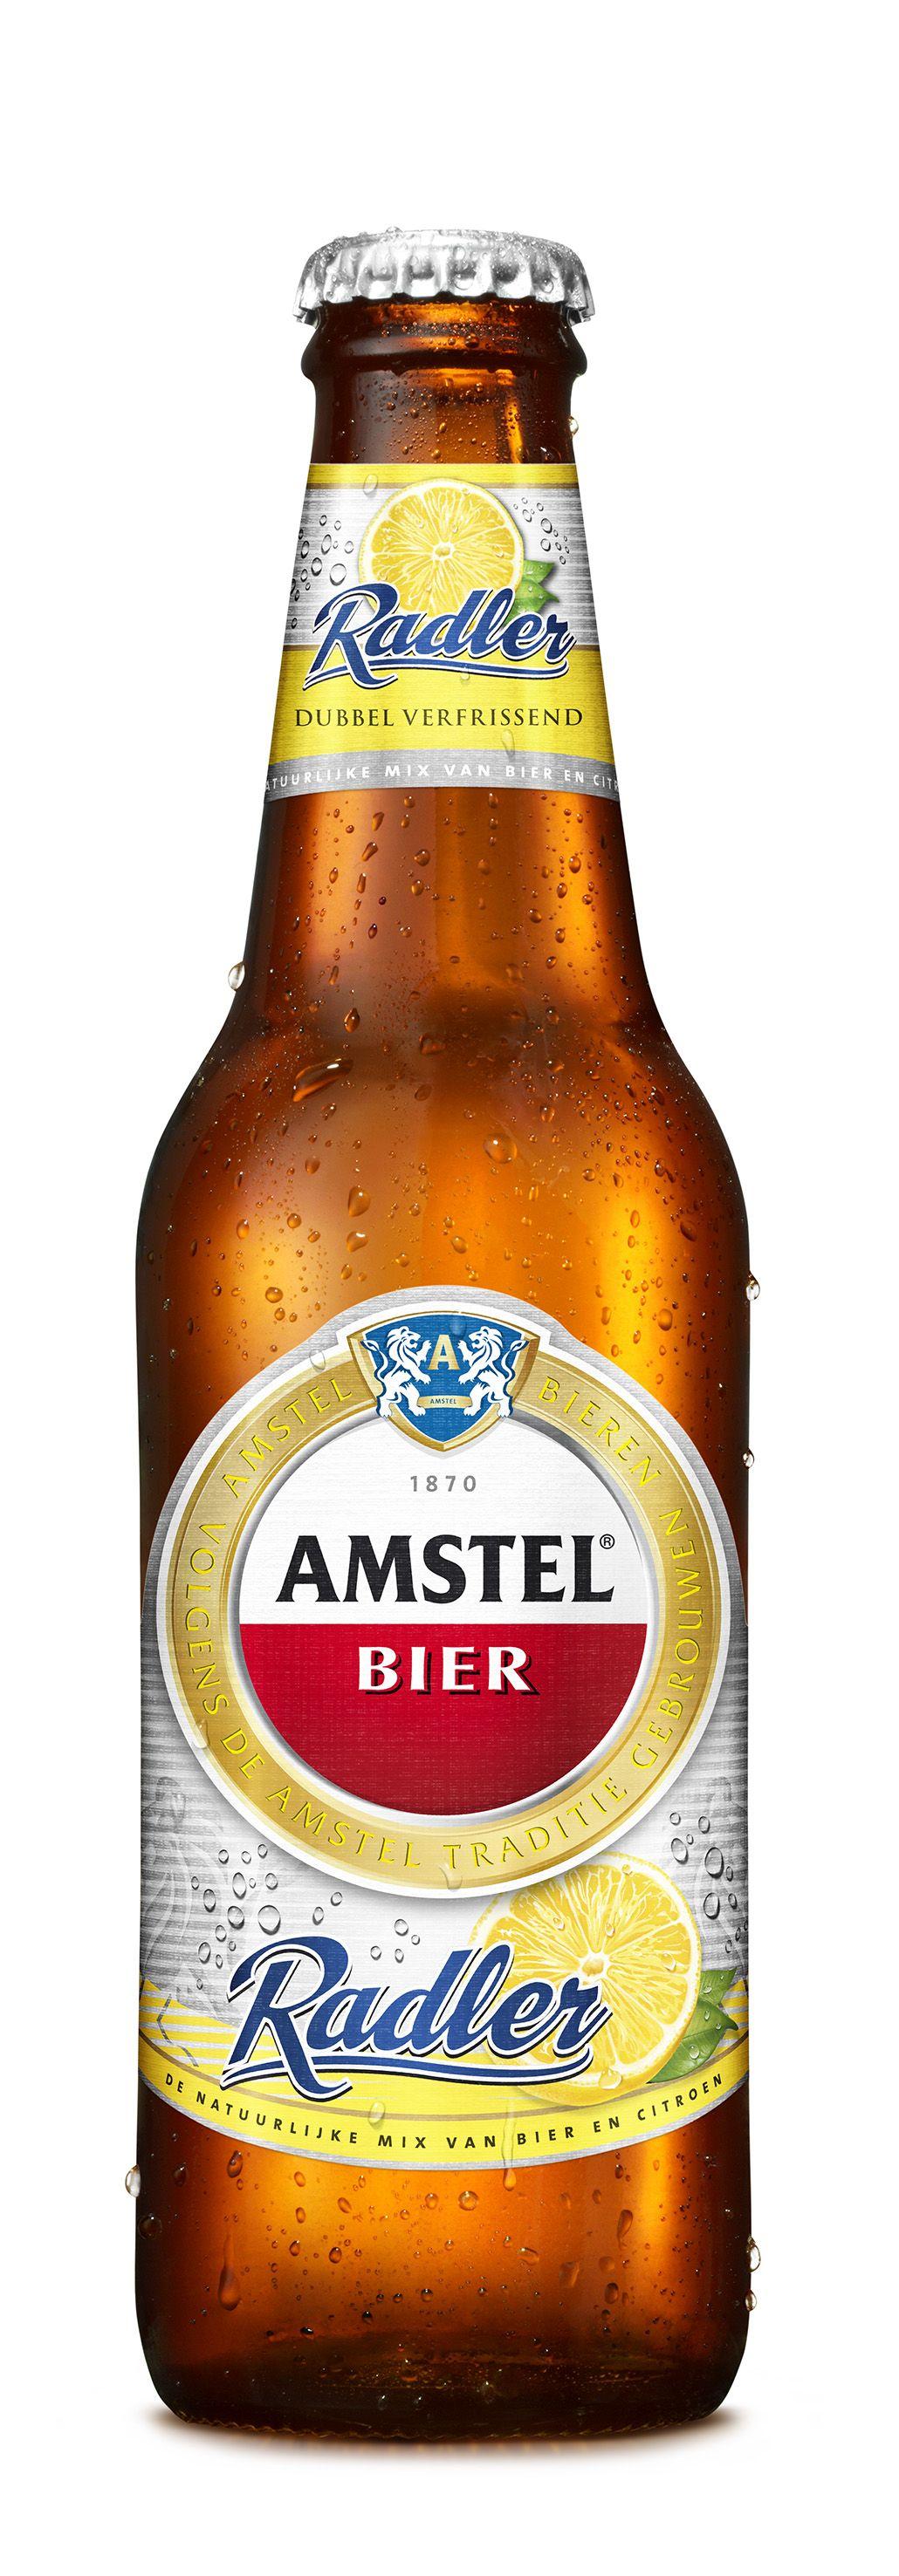 Amstel Radler Mi Companera Del Verano 2014 Radler